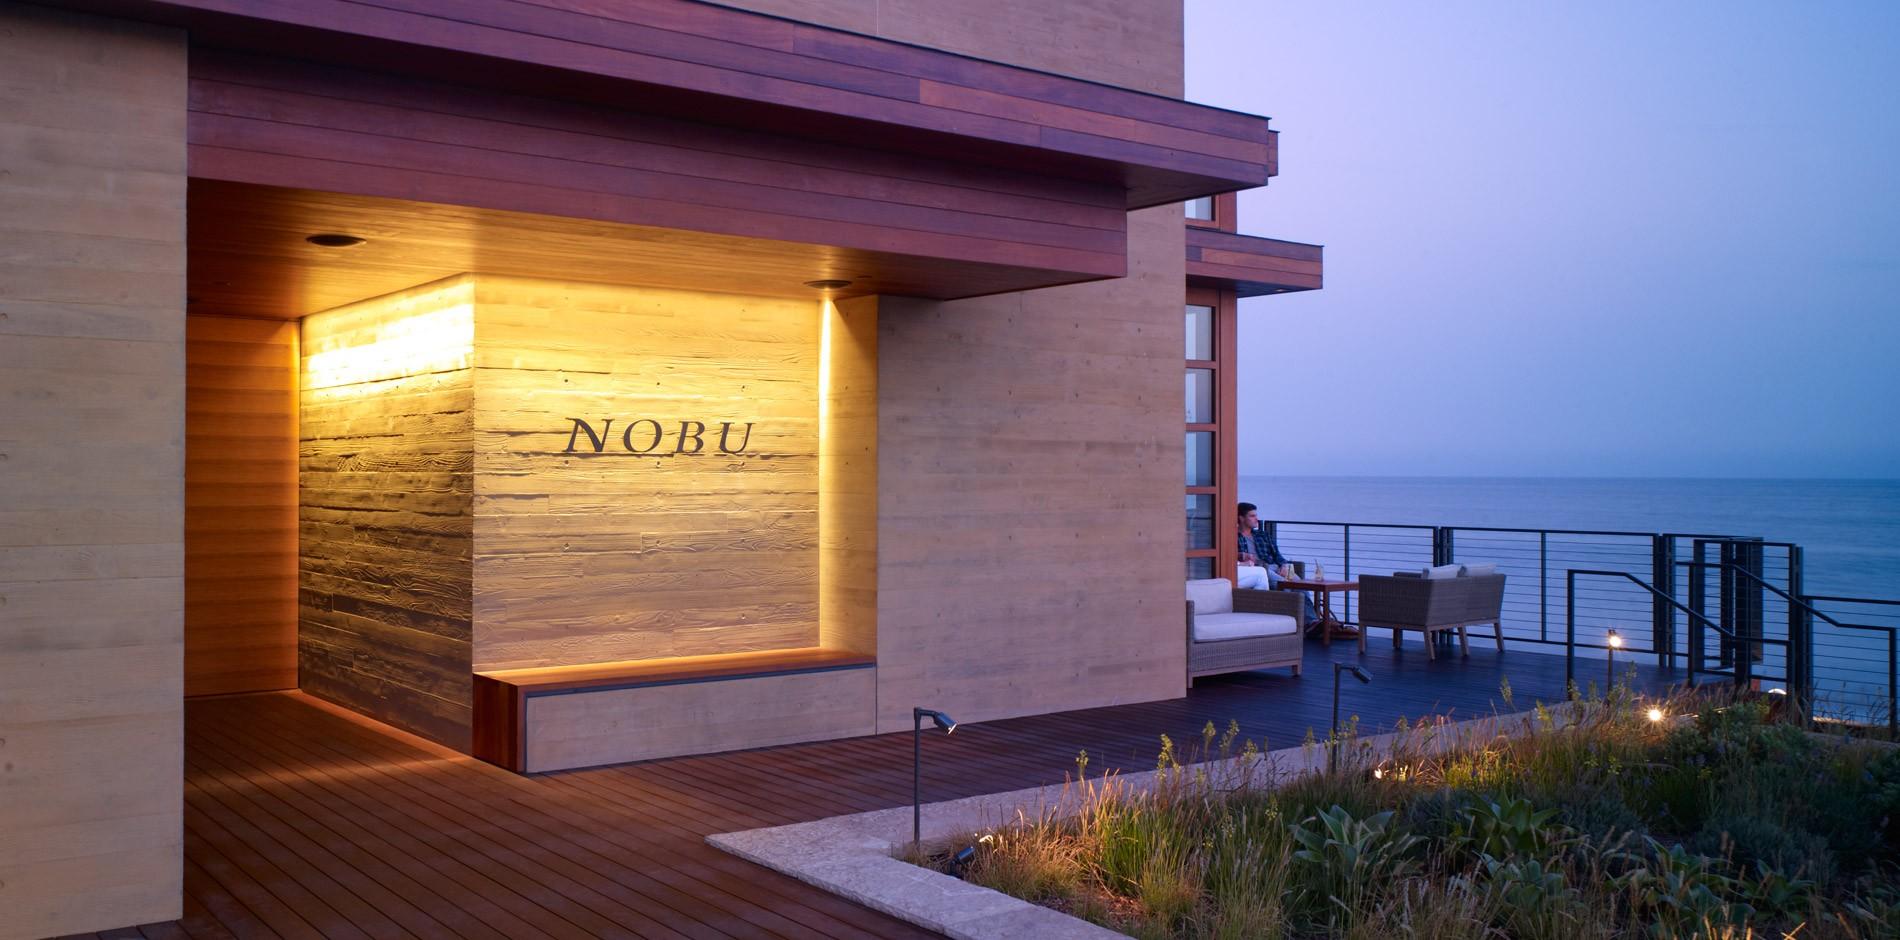 Nobu Malibu Ca Ground Up Construction Management Project